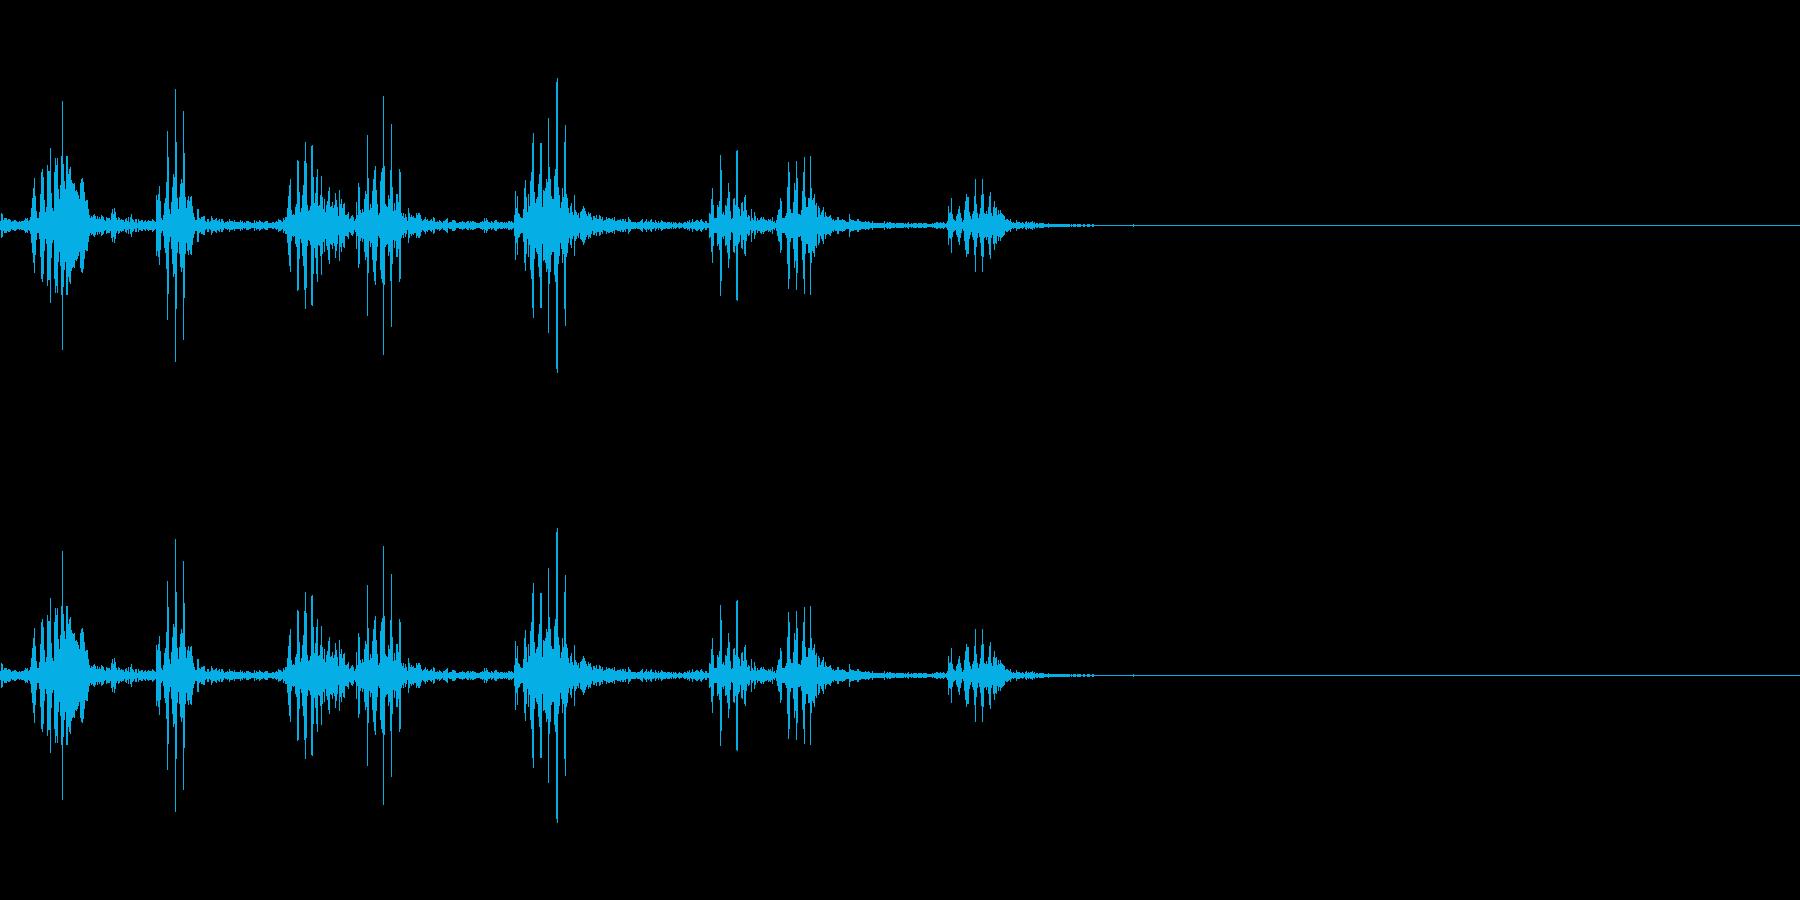 チリーフラミンゴの鳴き声の再生済みの波形